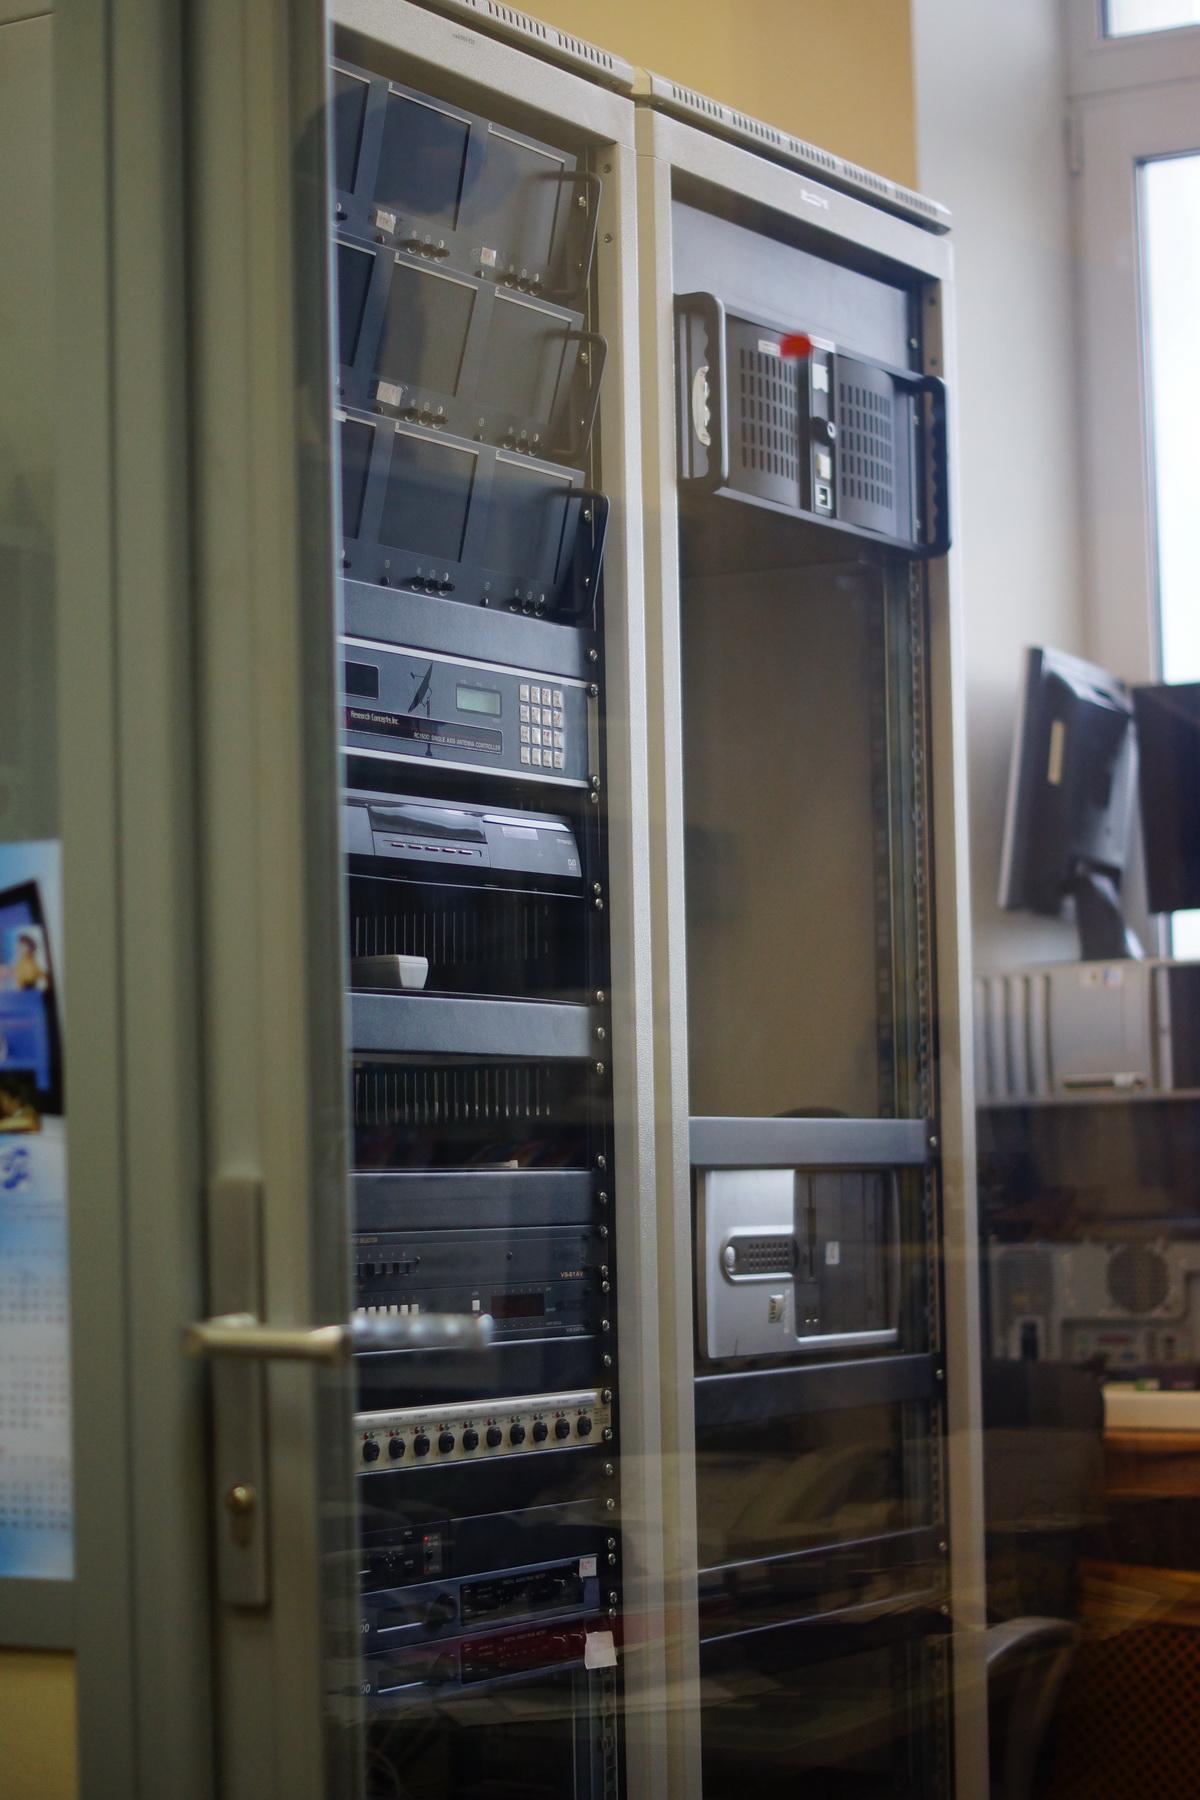 Ещё одна серверная, прямо в моём кабинете